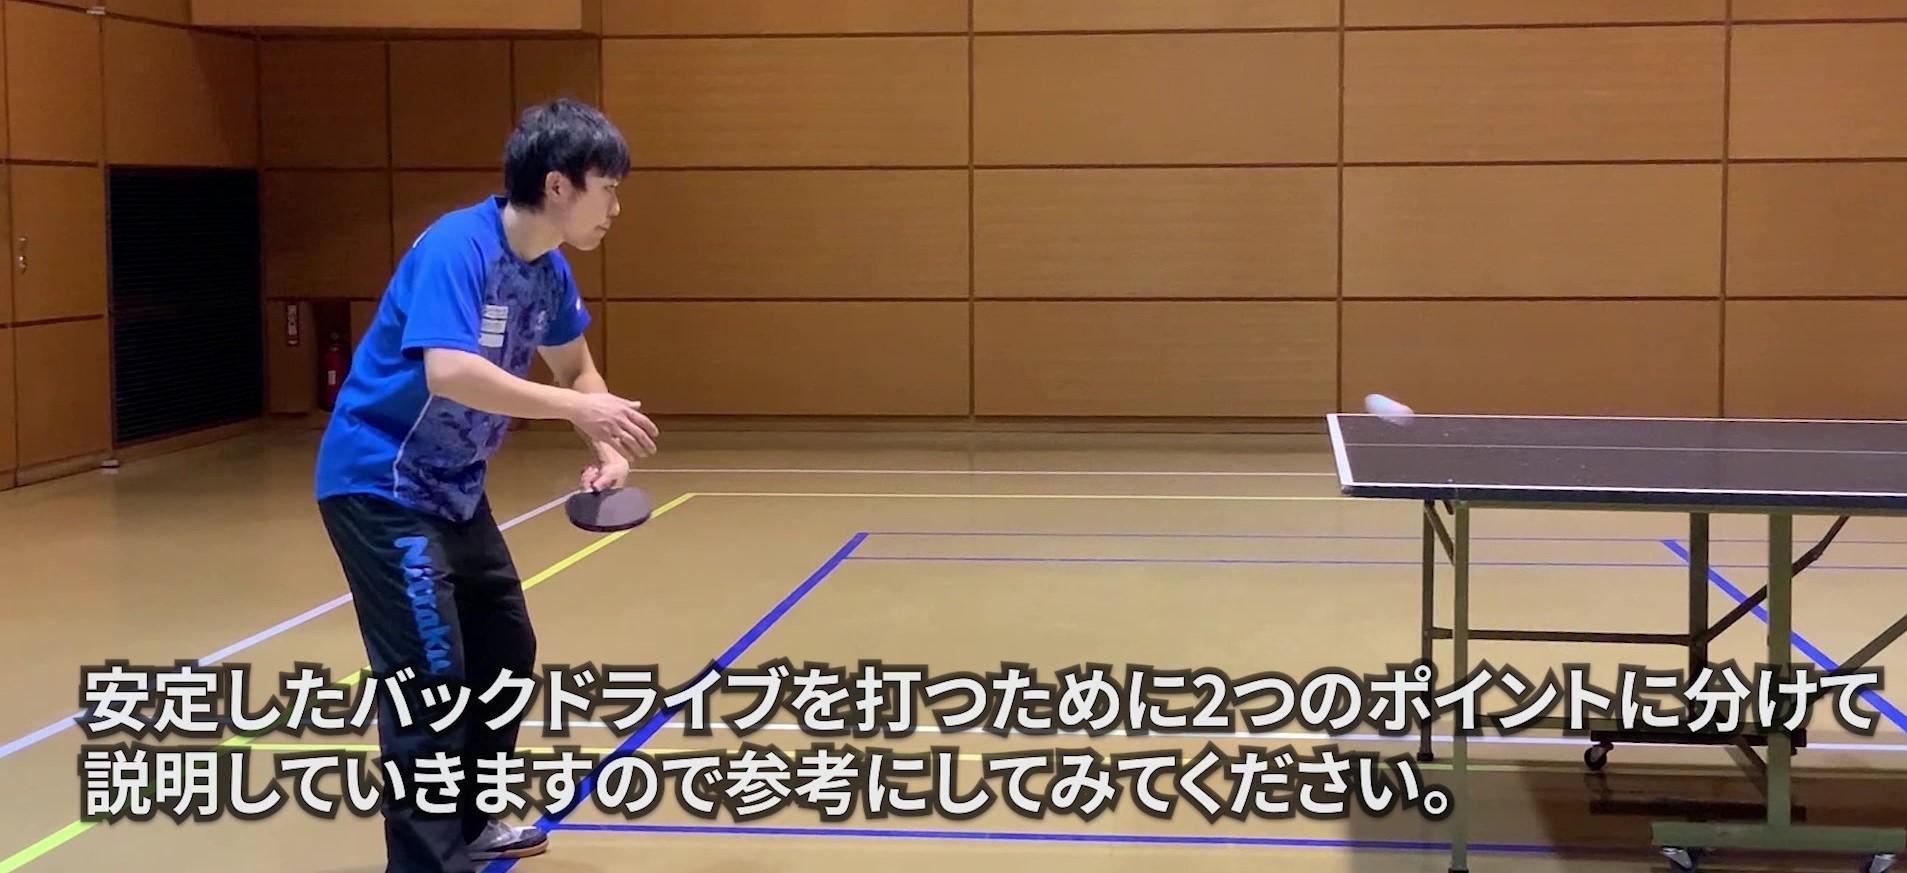 【卓球動画】バックドライブ 入門編